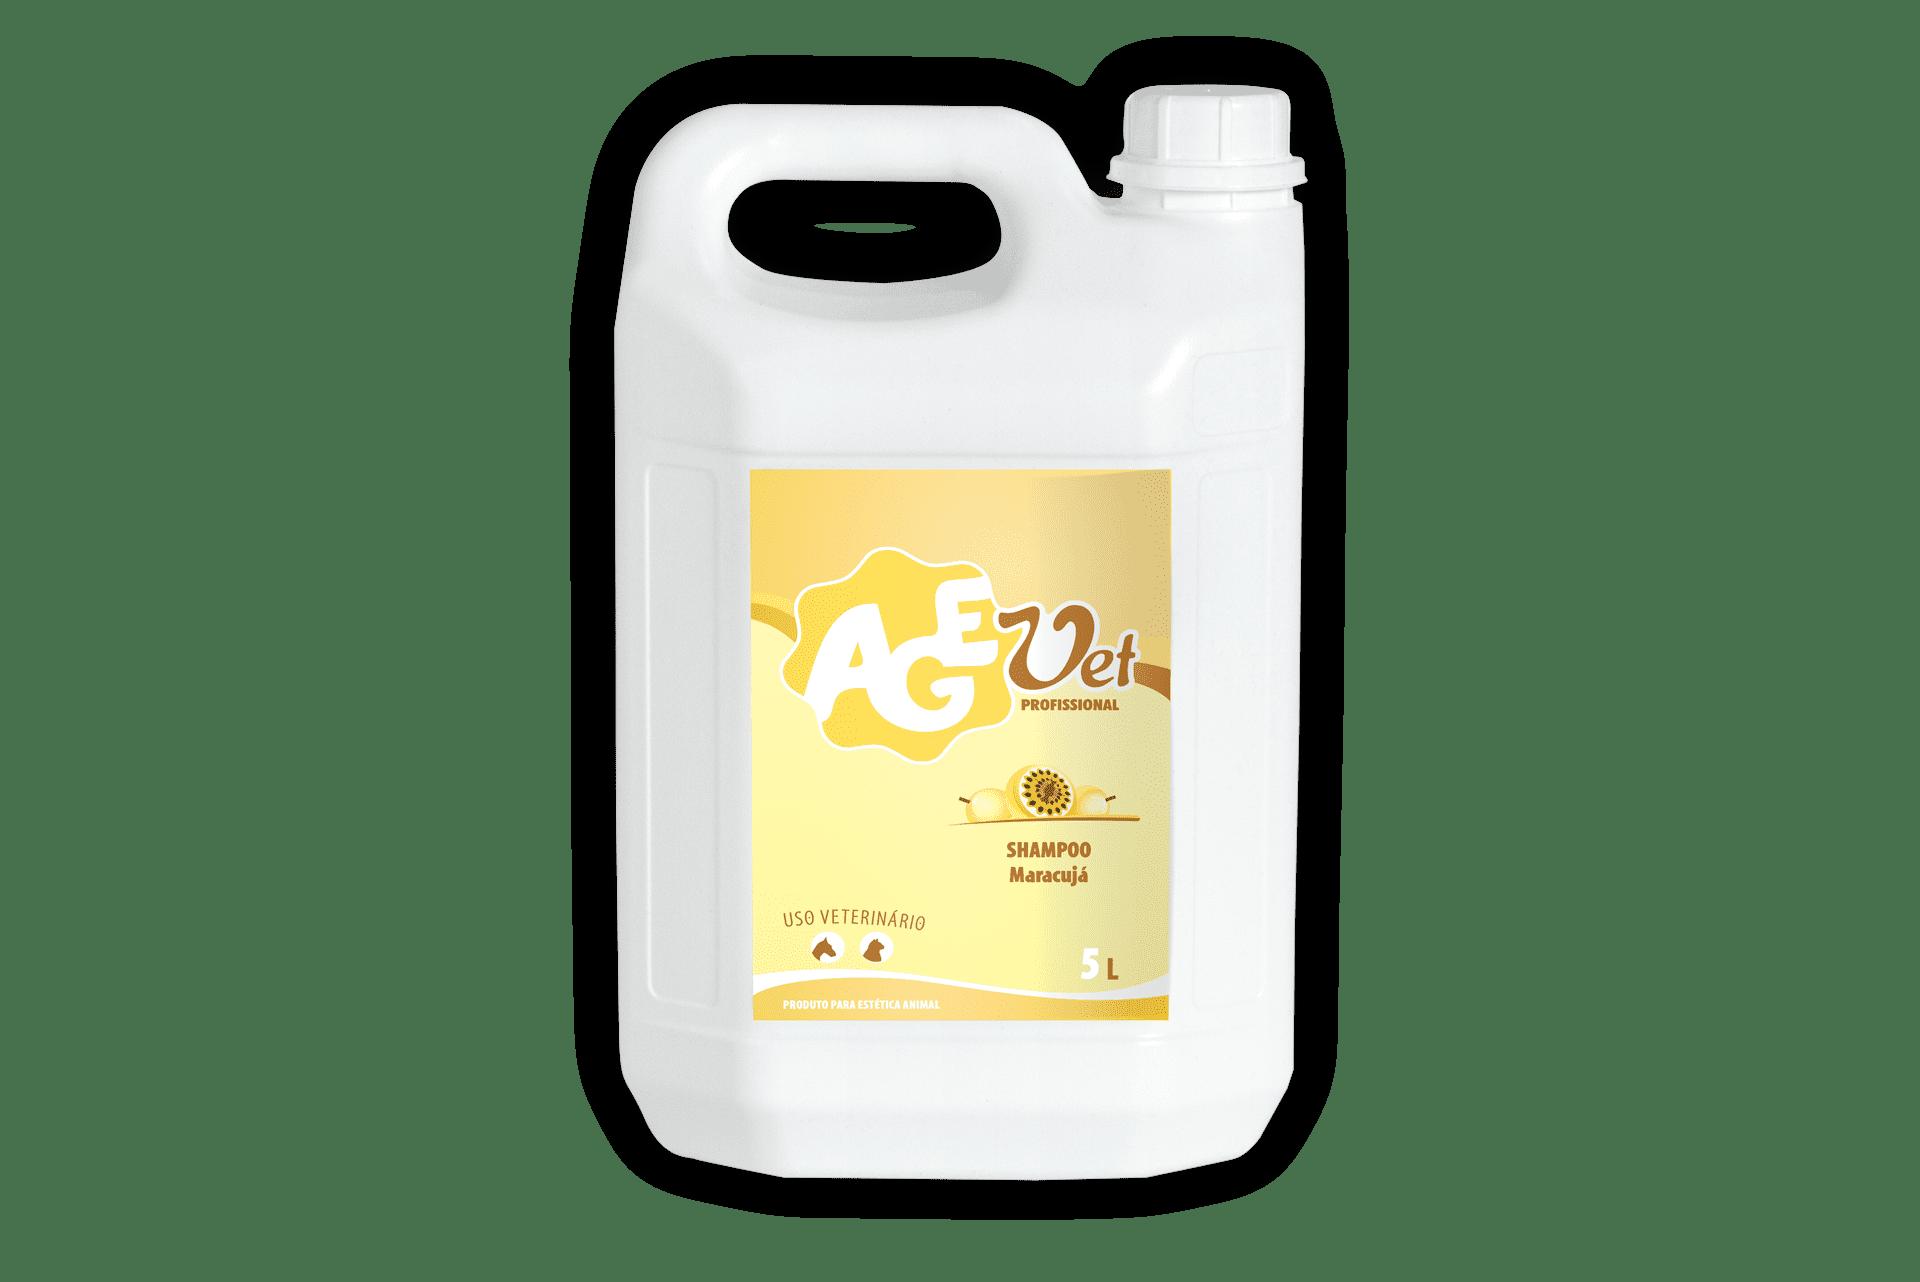 Foto do produto Shampoo Maracujá 5 Litros para visualização